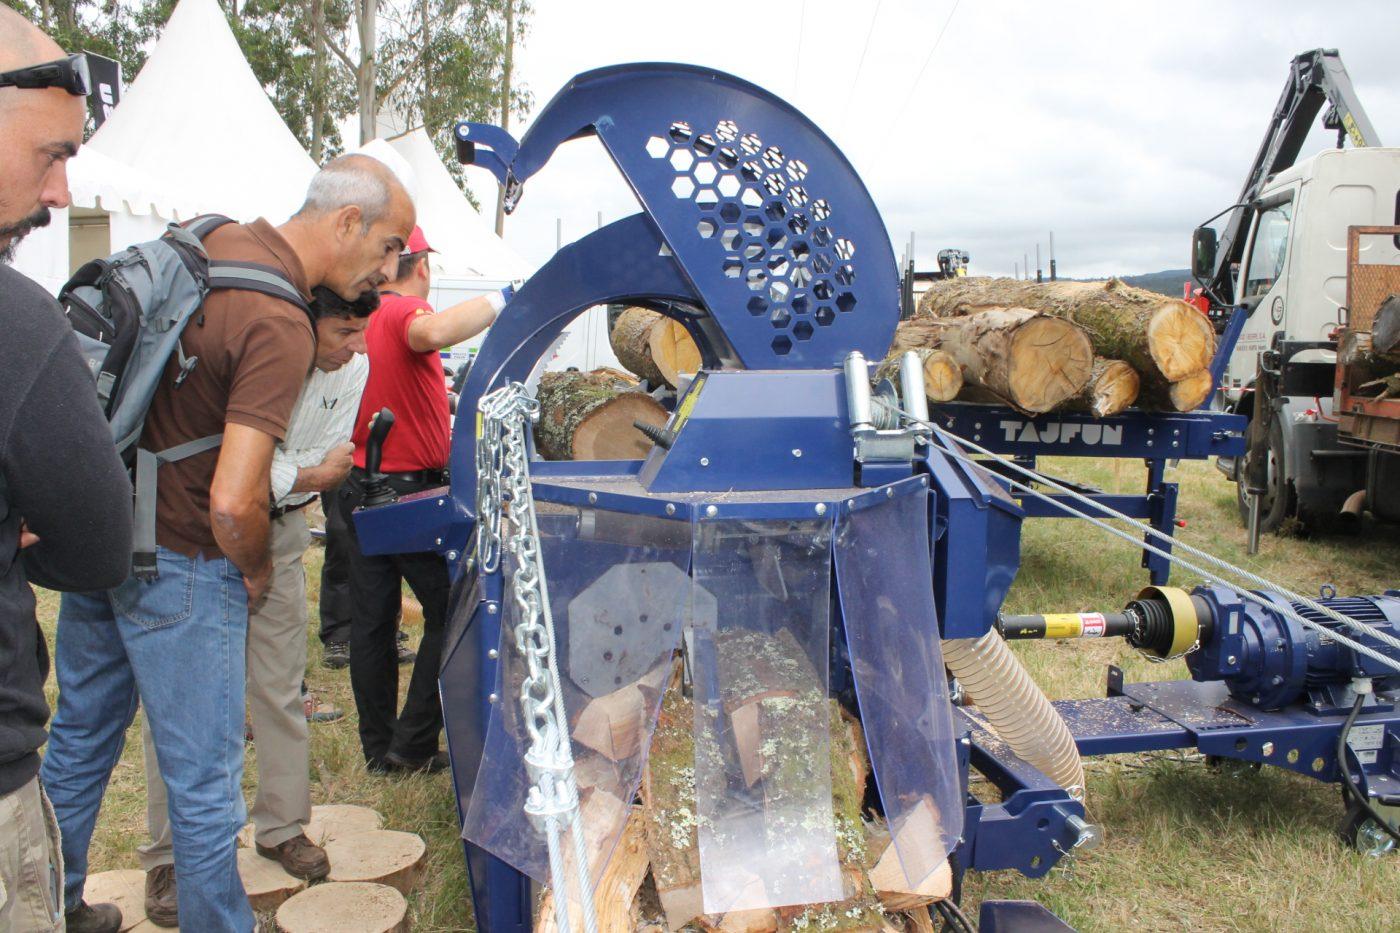 Nacen la Asociación Galega de Leñadores y una plataforma online de compra-venta de madera